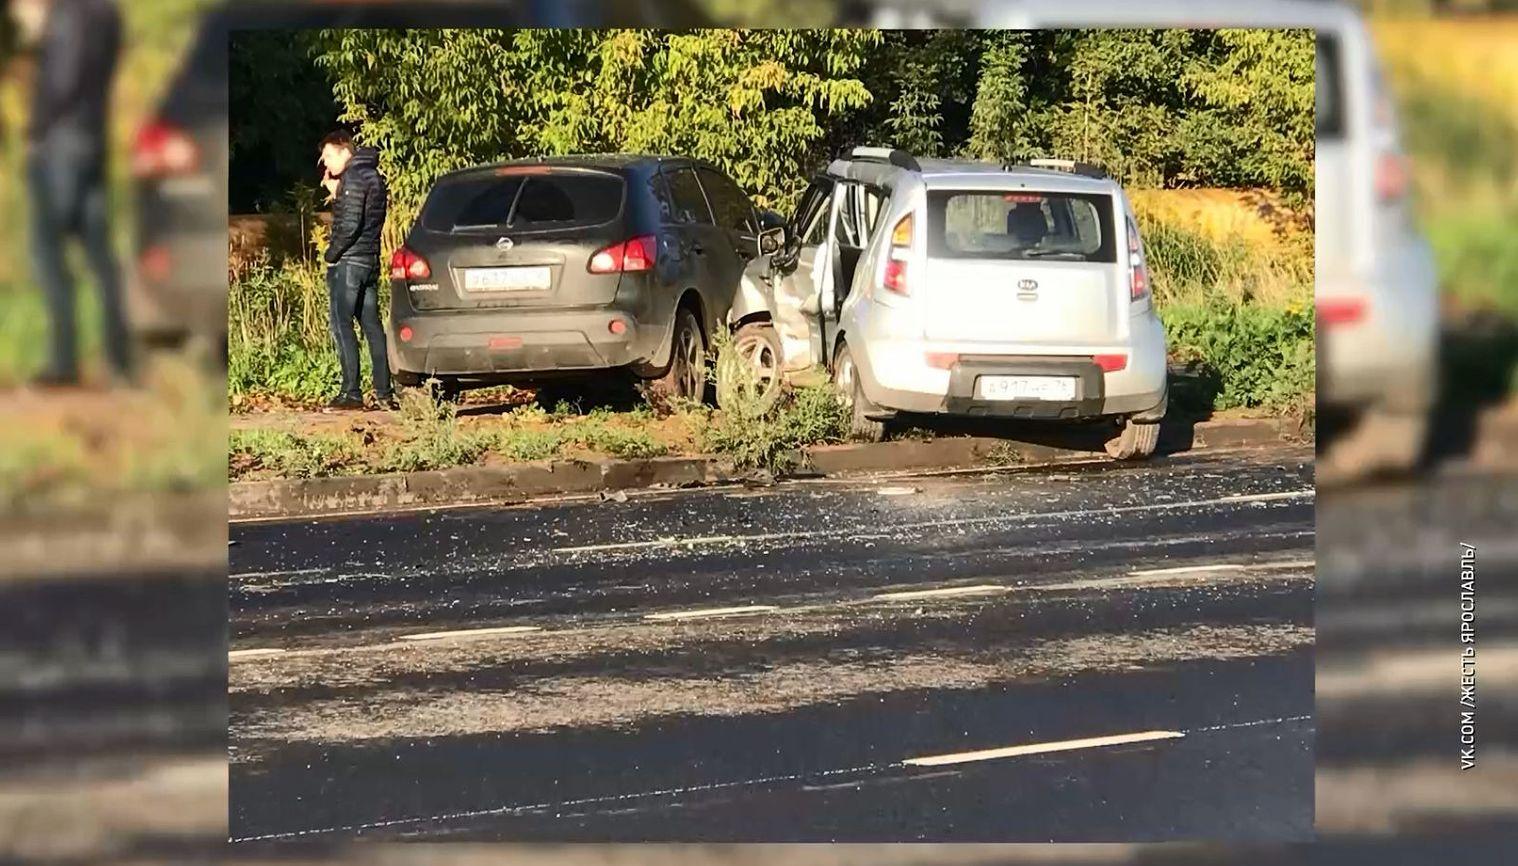 На Промышленном шоссе в Ярославле на газоне оказались две иномарки